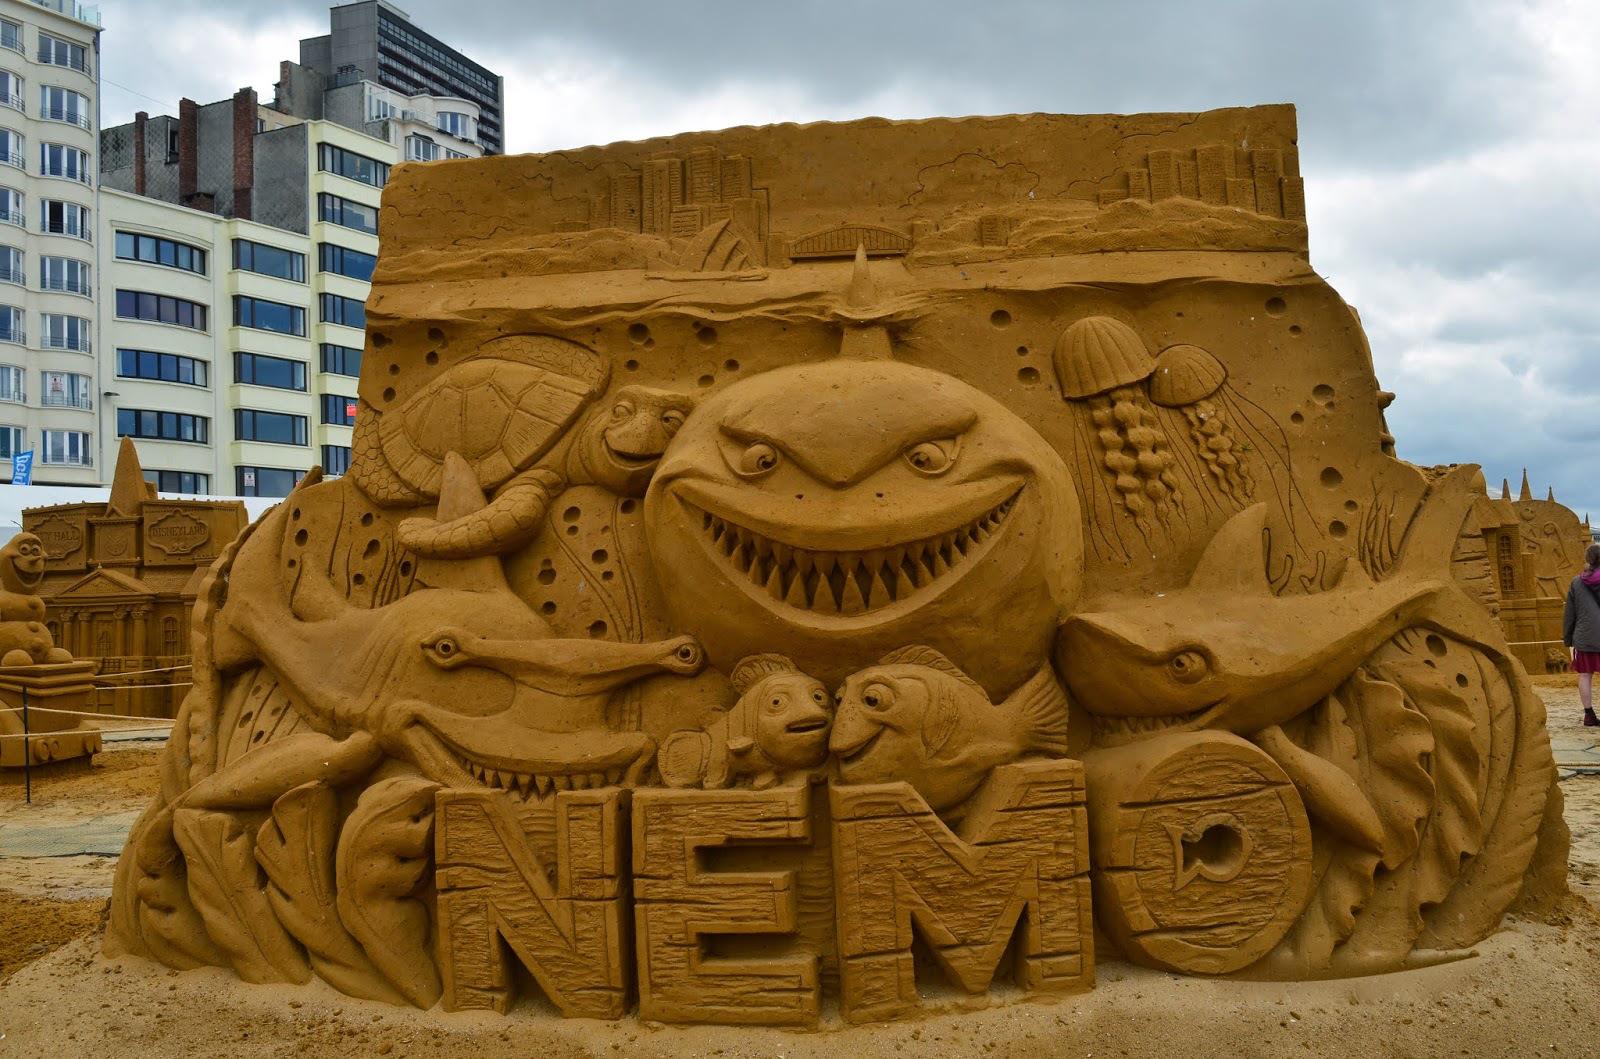 Finding Nemo.  Courtesy of: Diswhiz.com